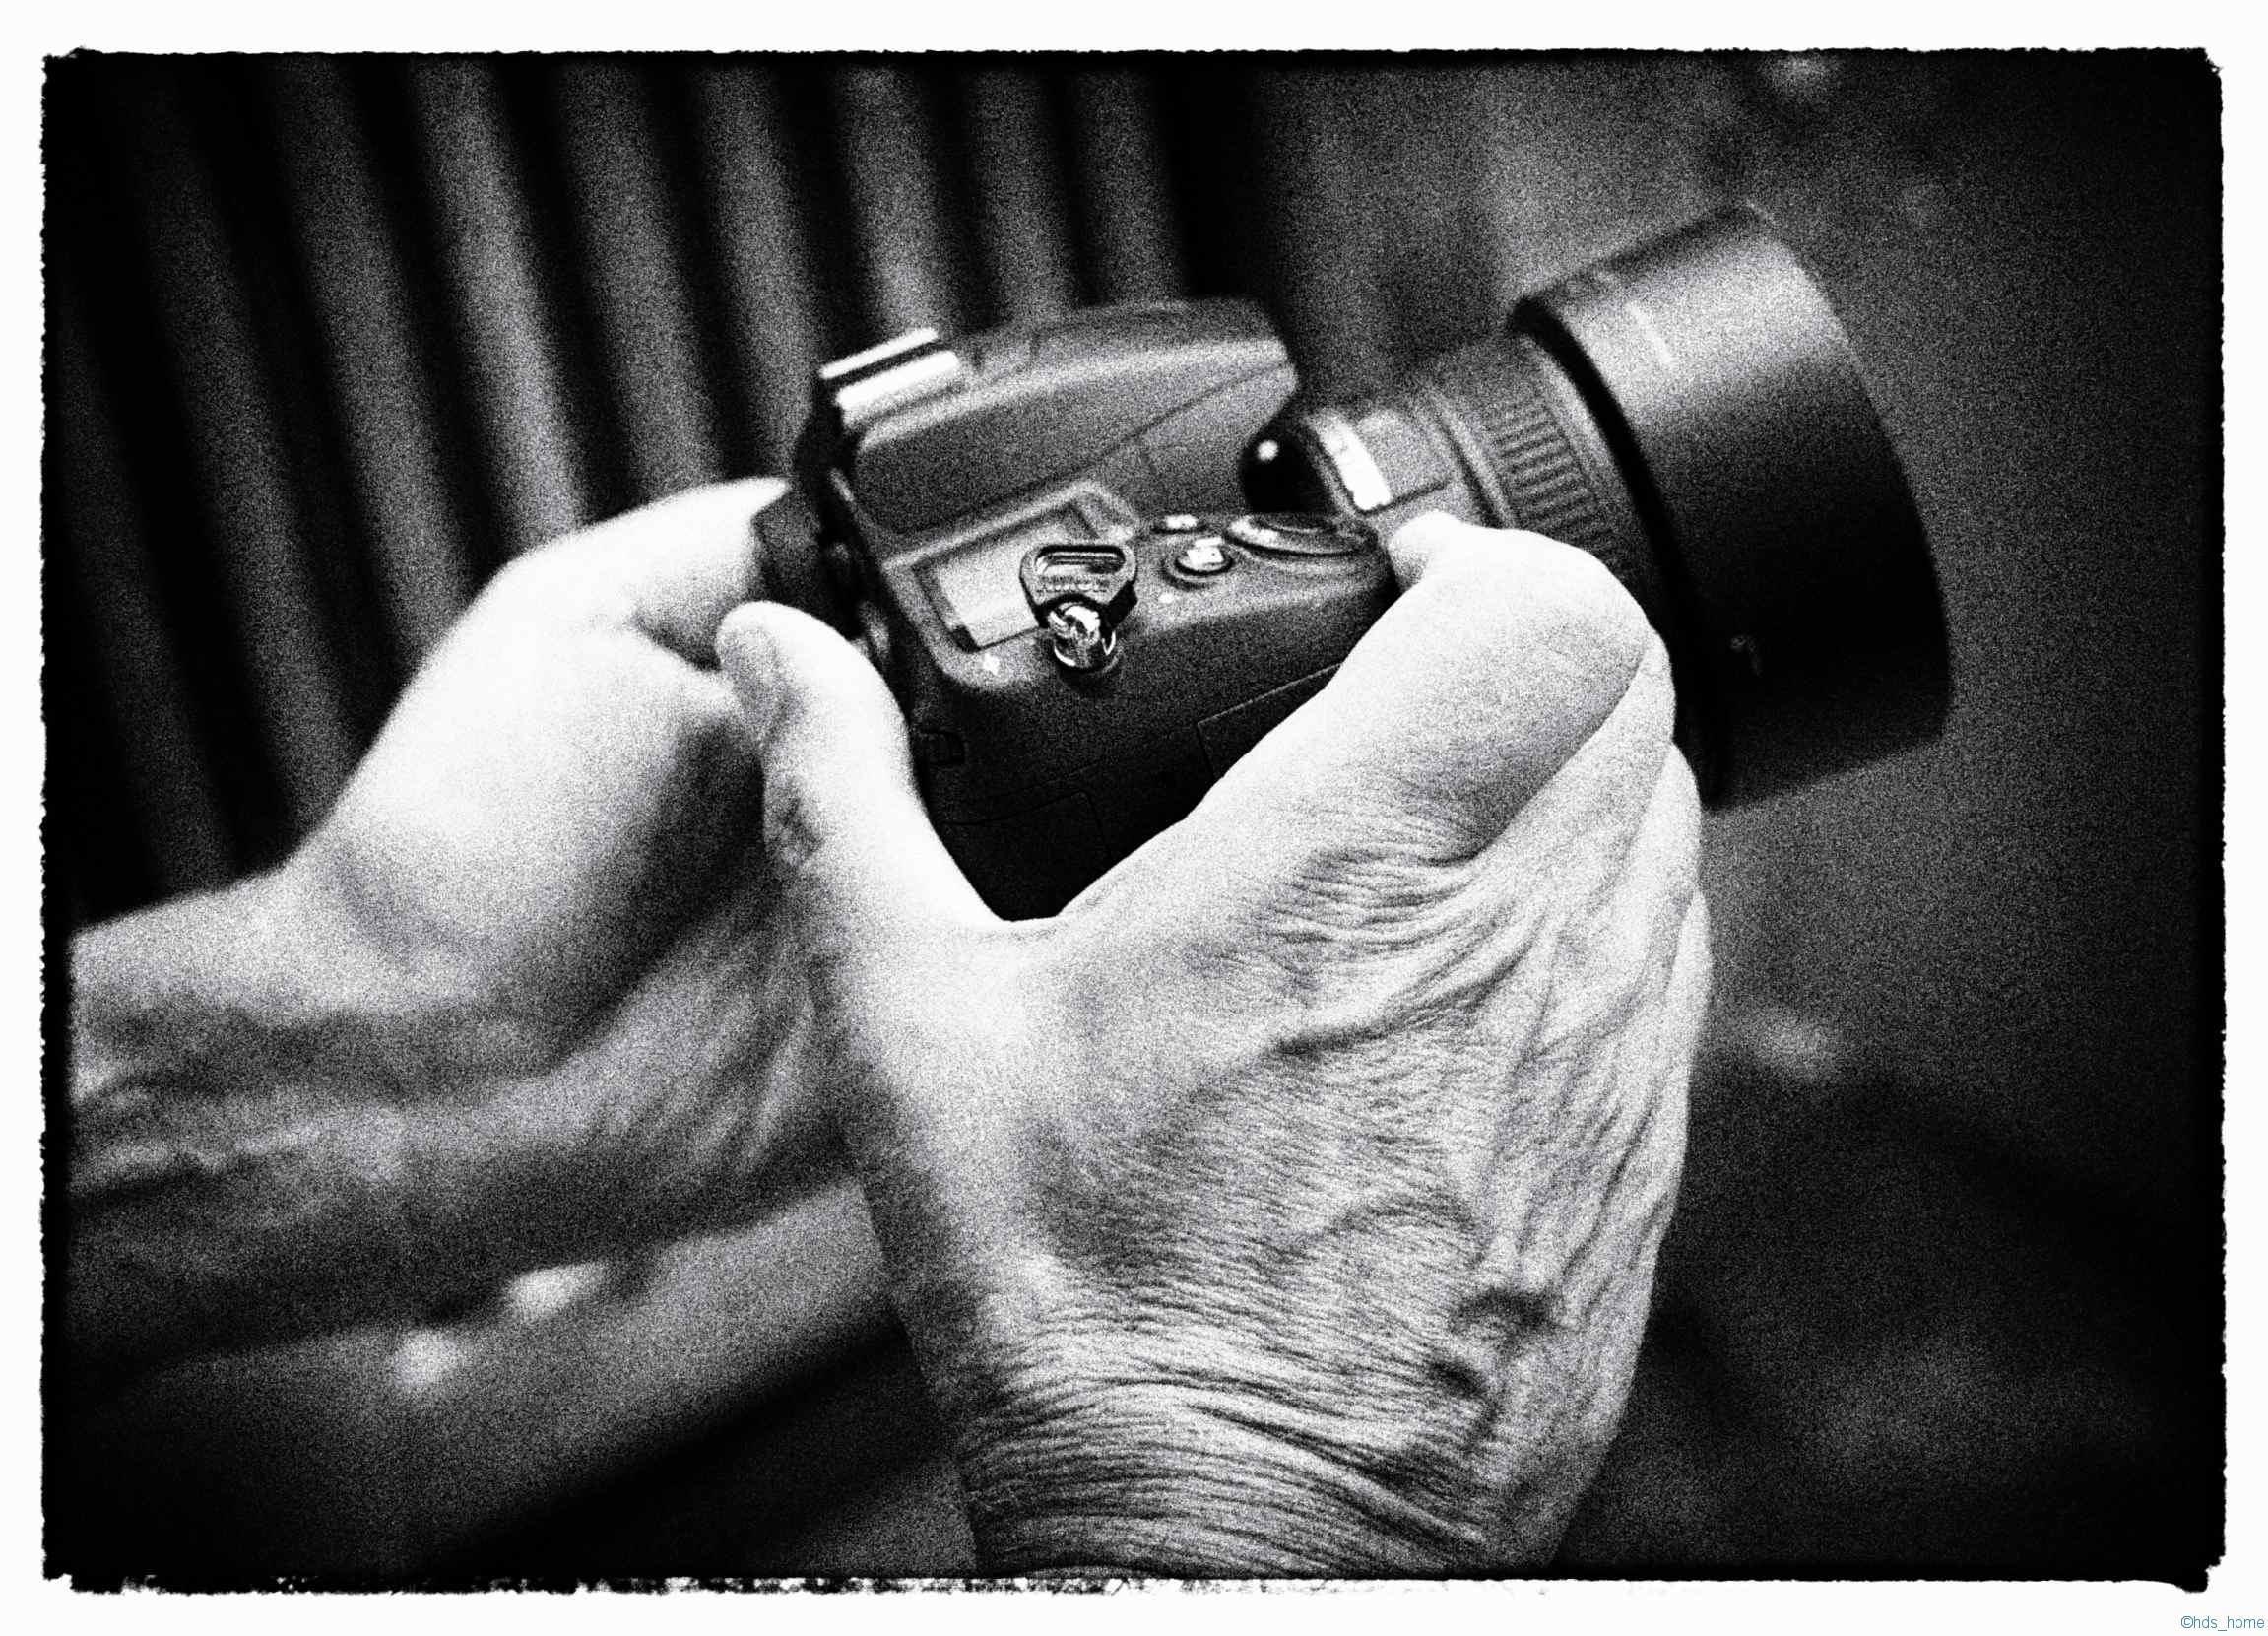 Blende:ƒ/3.2 Kamera: NIKON D70 Aufgenommen:27. Juli 2013 Belichtungsvorgabe:-1/3EV Brennweite:35mm ISO:320 Verschlusszeit: 1/40s. Gewandelt mit Silver Efex Pro in Film Noir 1